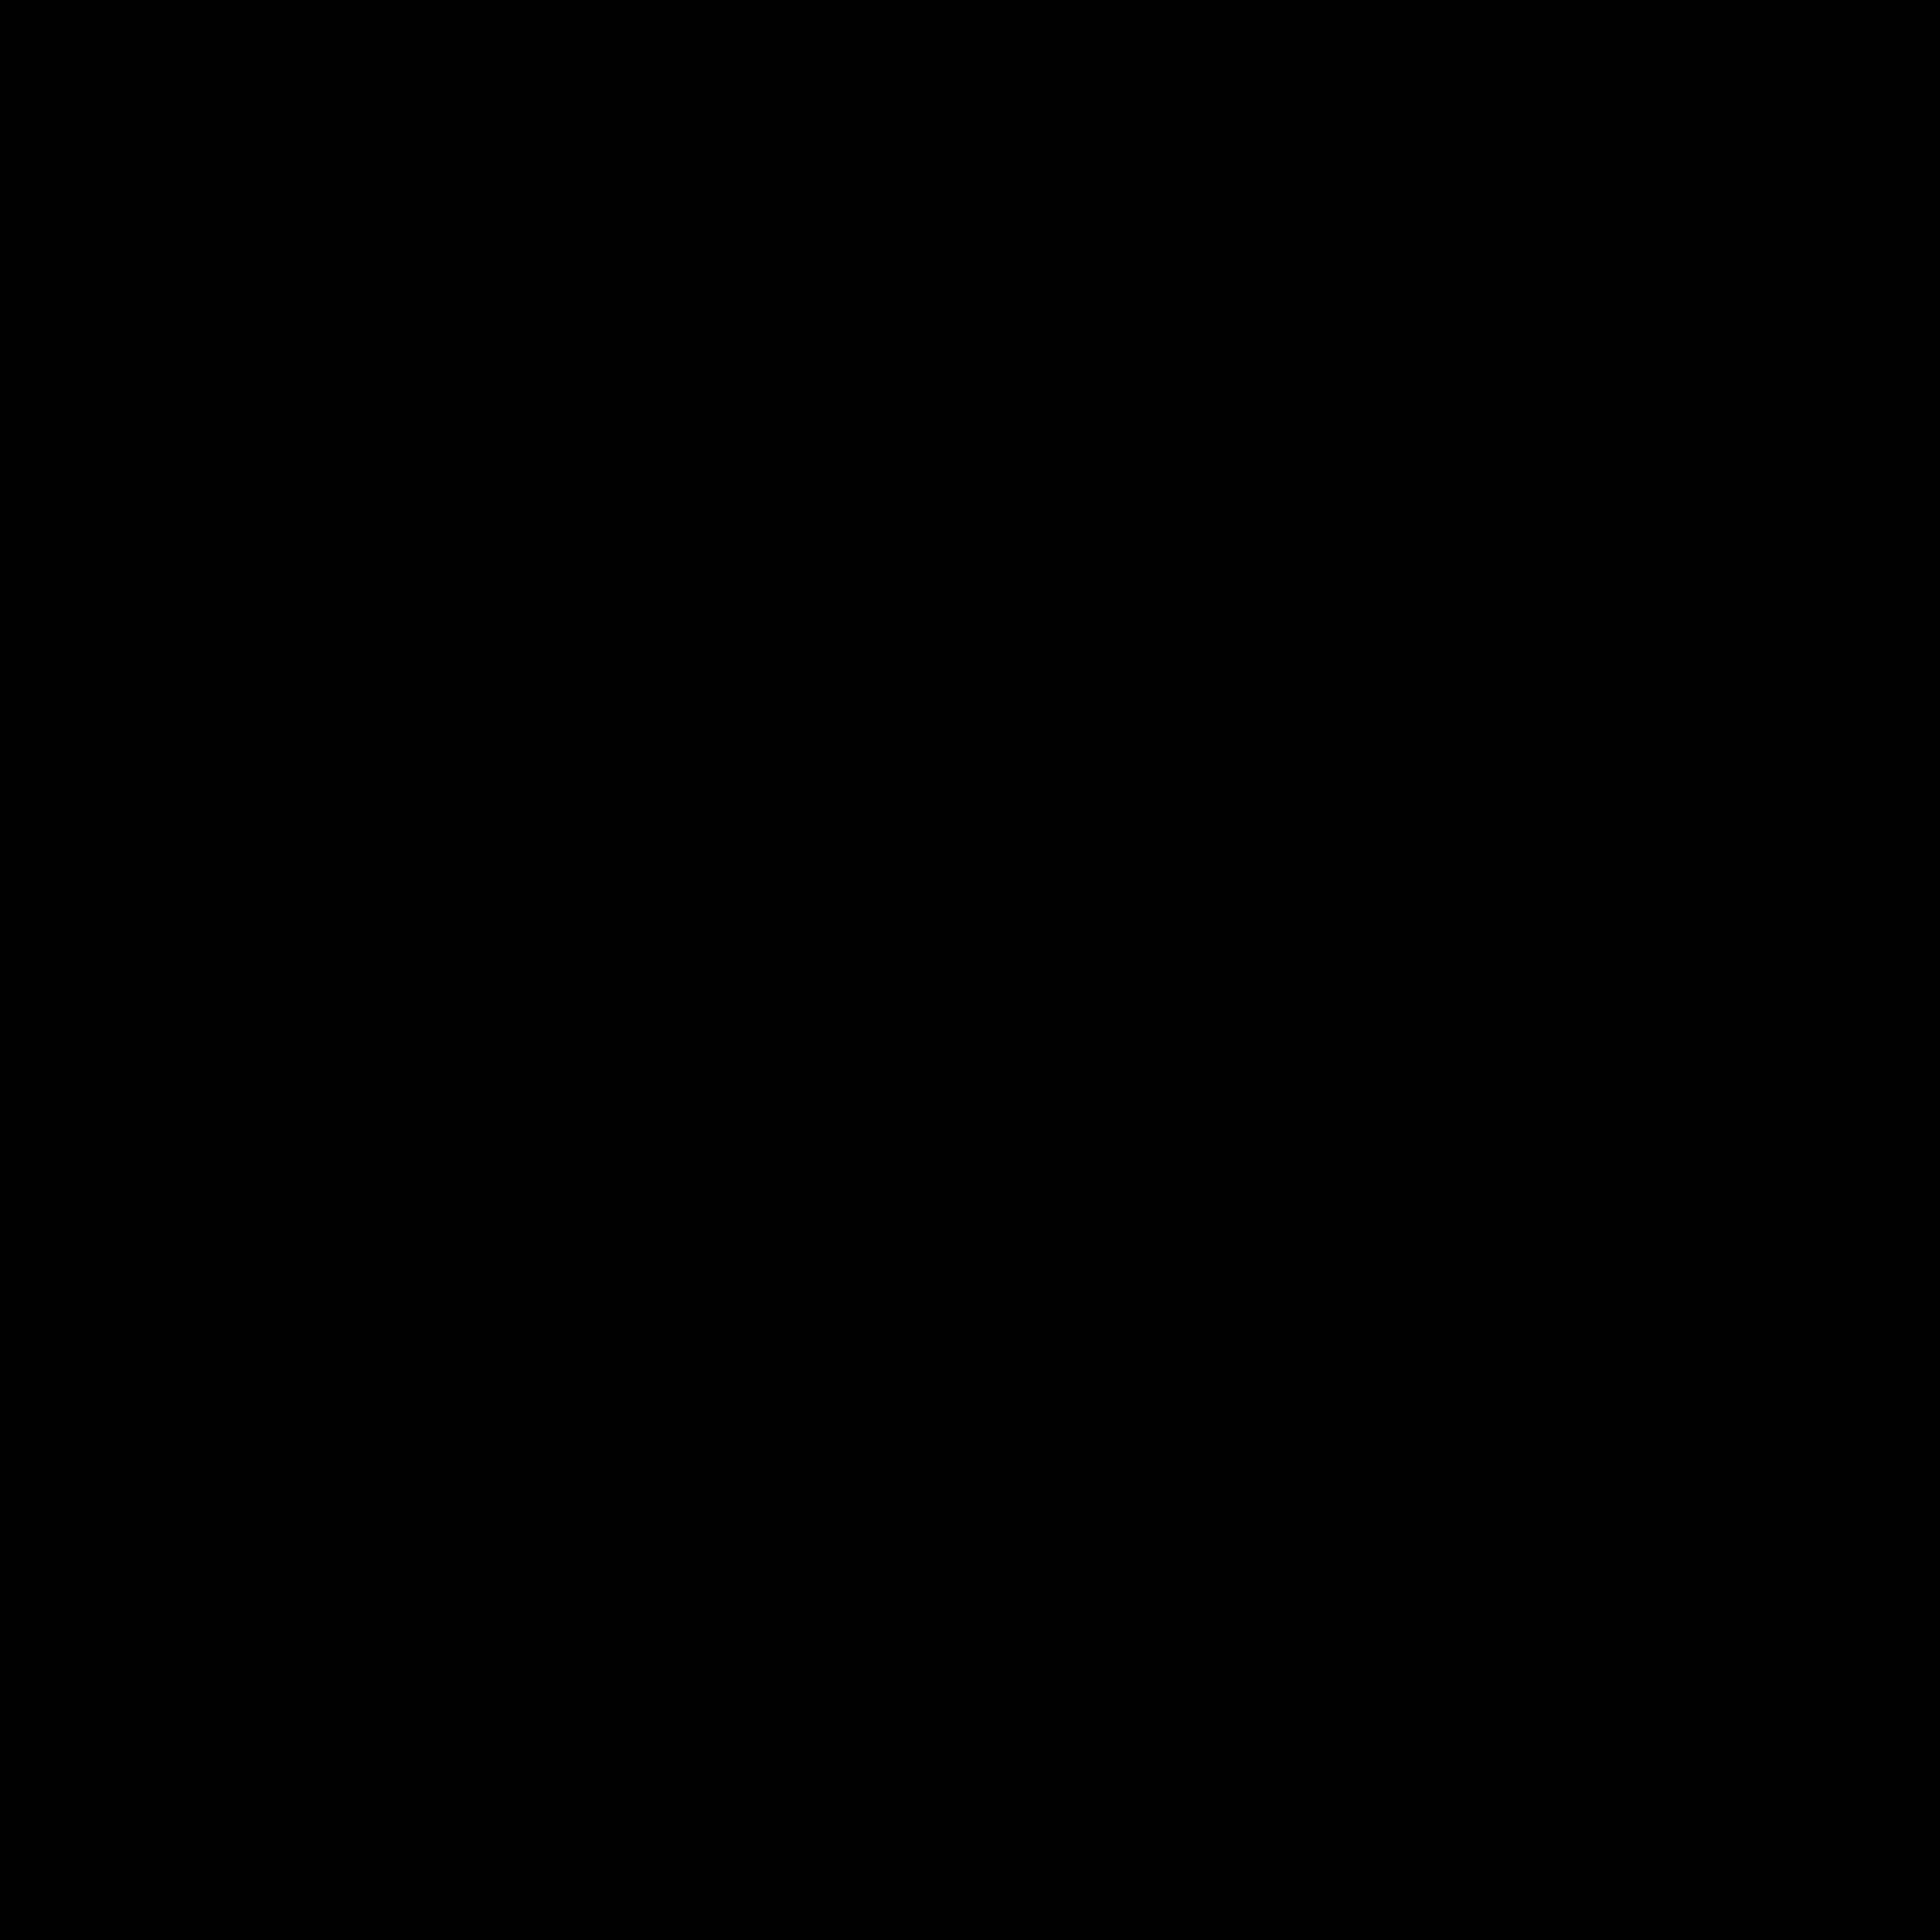 Pinterest logo black and white